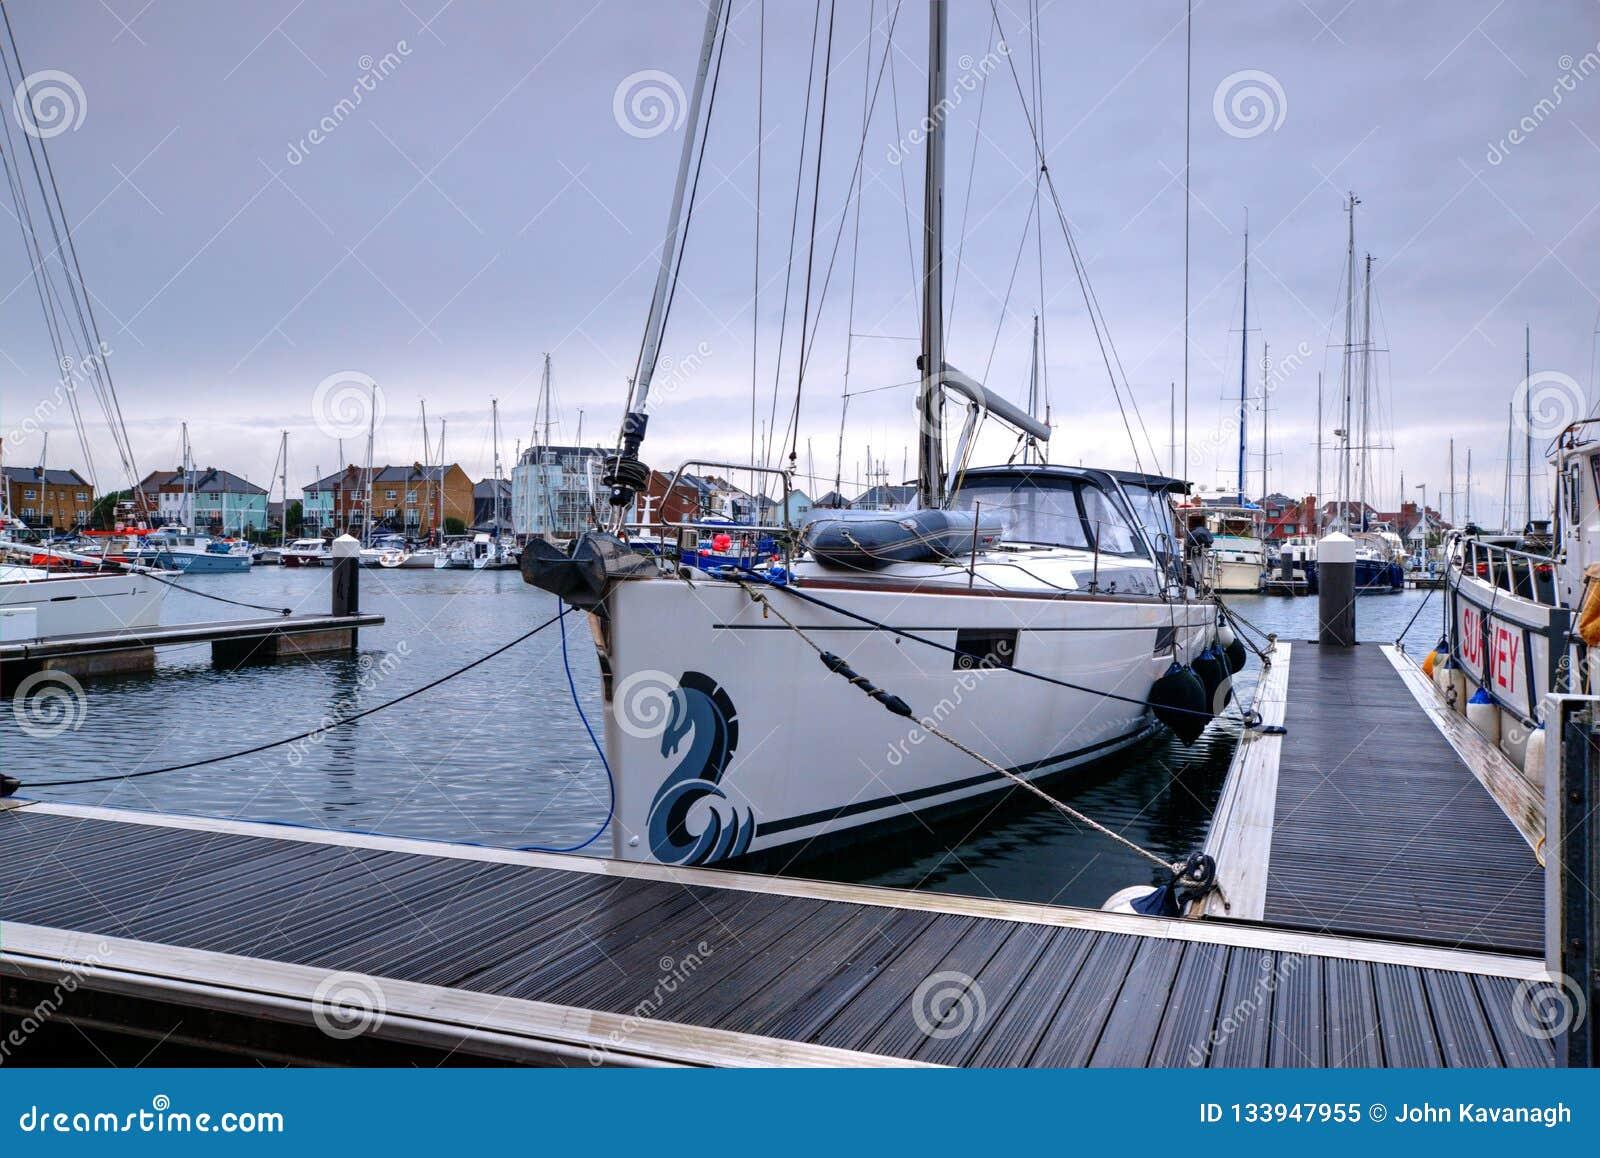 Close-up van Jacht in Soevereine Haven met Jachten, Boten en nieuw-Bouwstijlflats wordt vastgelegd op Achtergrond die